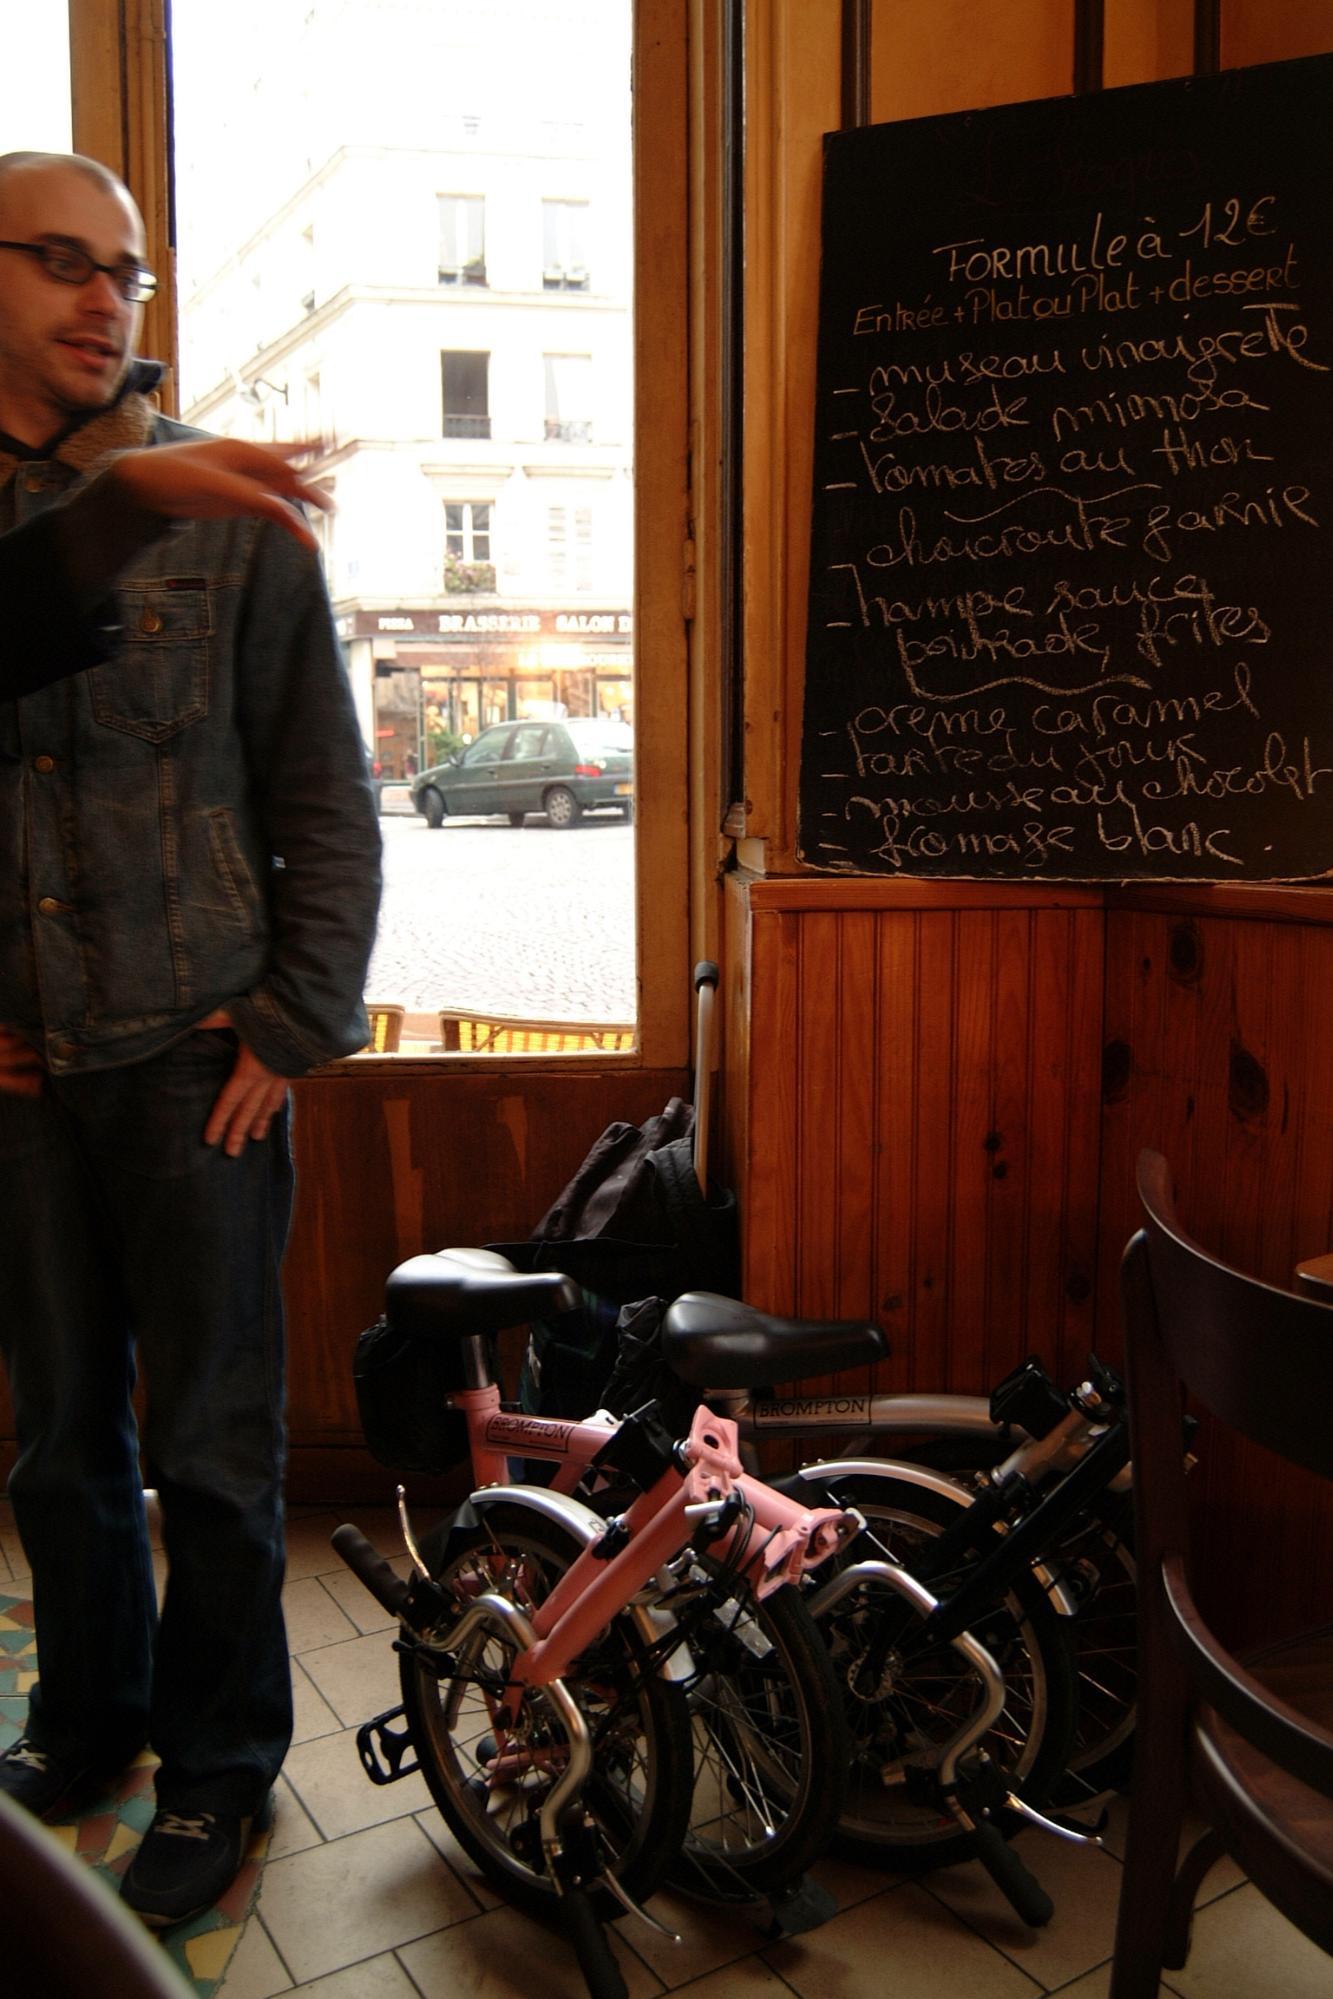 パリのビストロ店内に荷物と一緒に持ち込ませてもらったときの様子。以前はイギリス以外では「わー何これ自転車?」と感心されることが多かったが、最近はヨーロッパ各国でもブロンプトンは人気であまり聞かれなくなった。